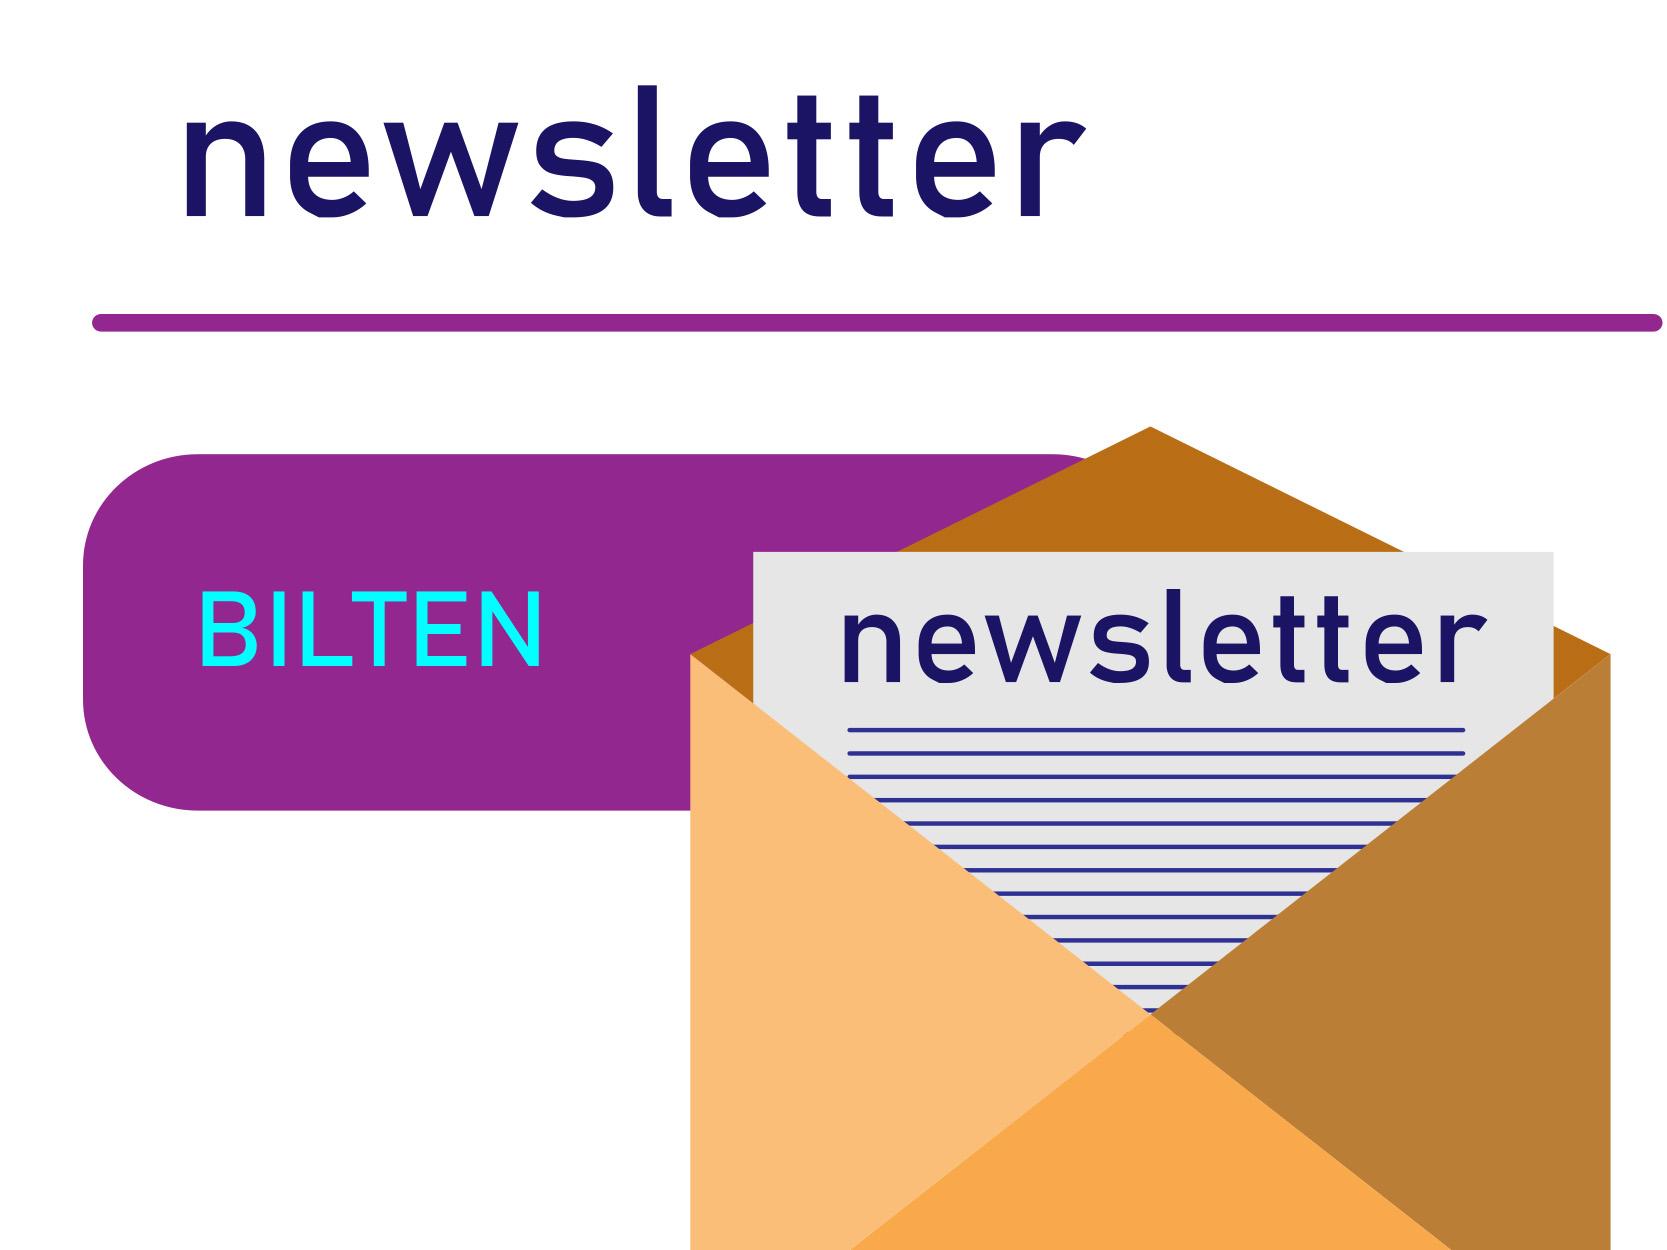 Jednostavni bilteni odnosno newsletteri